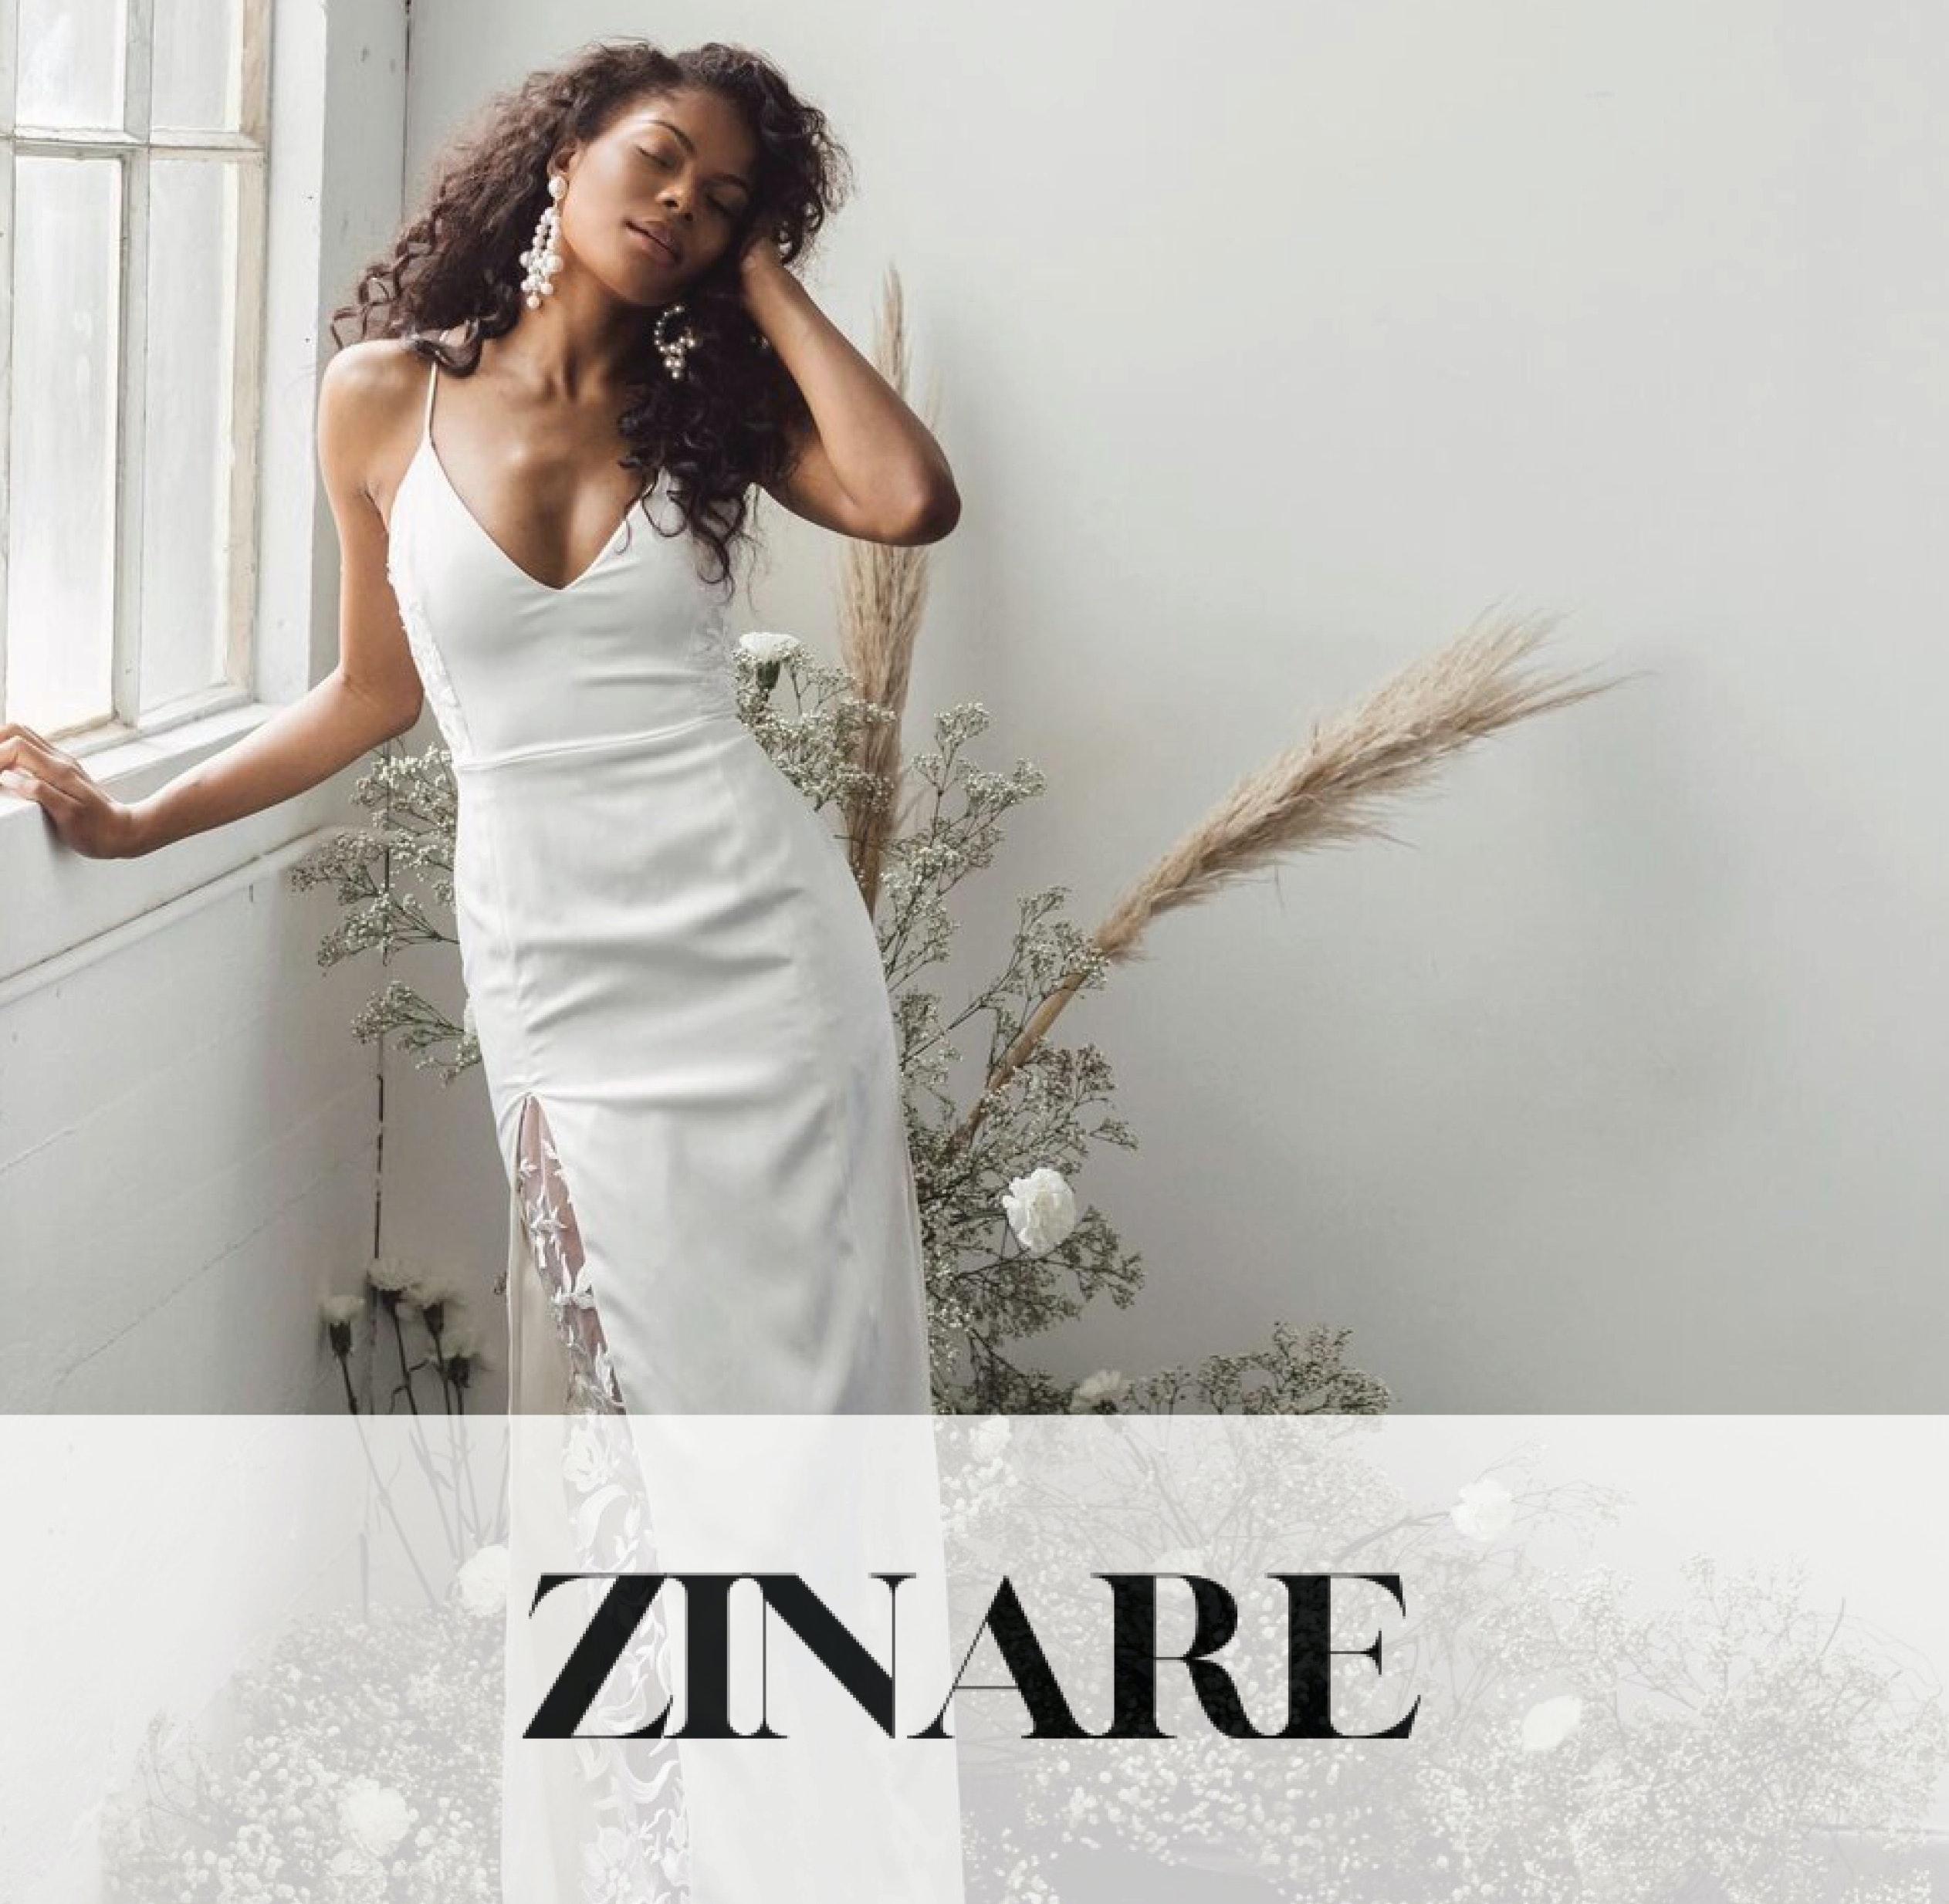 Zinare Bride